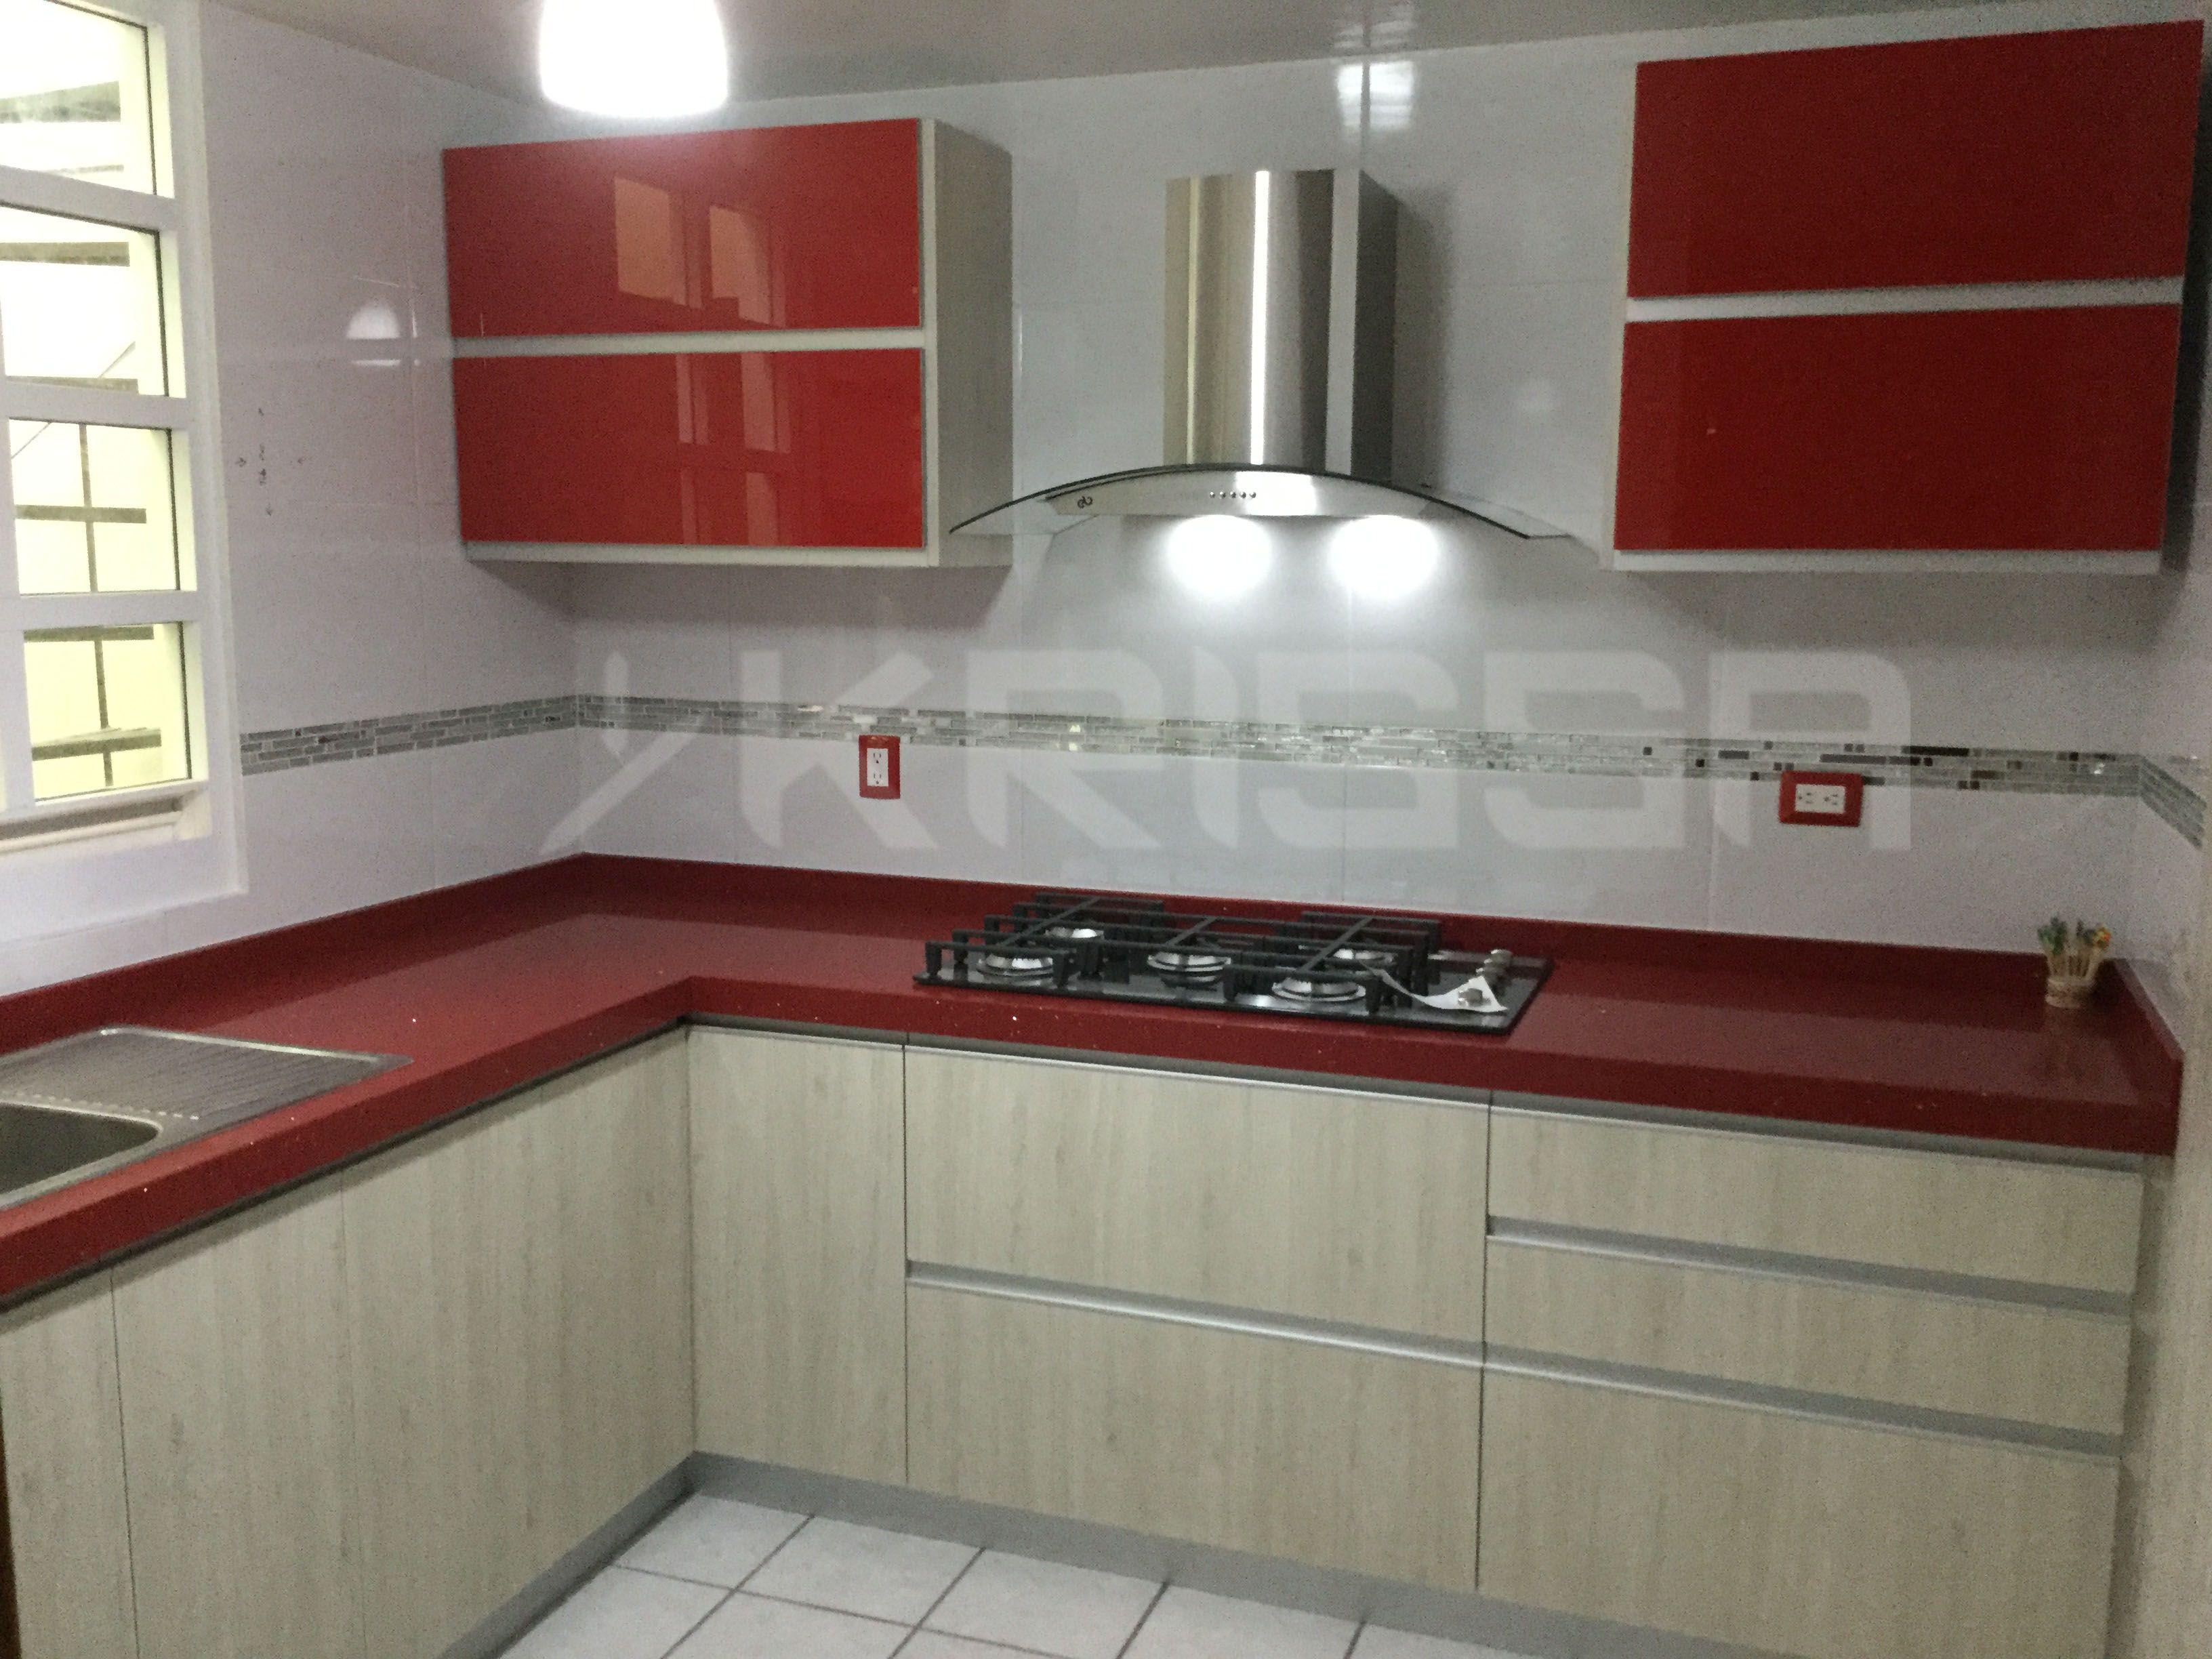 Asombroso Cocina Gabinetes Del Rojo De Imágenes Bosquejo - Ideas de ...